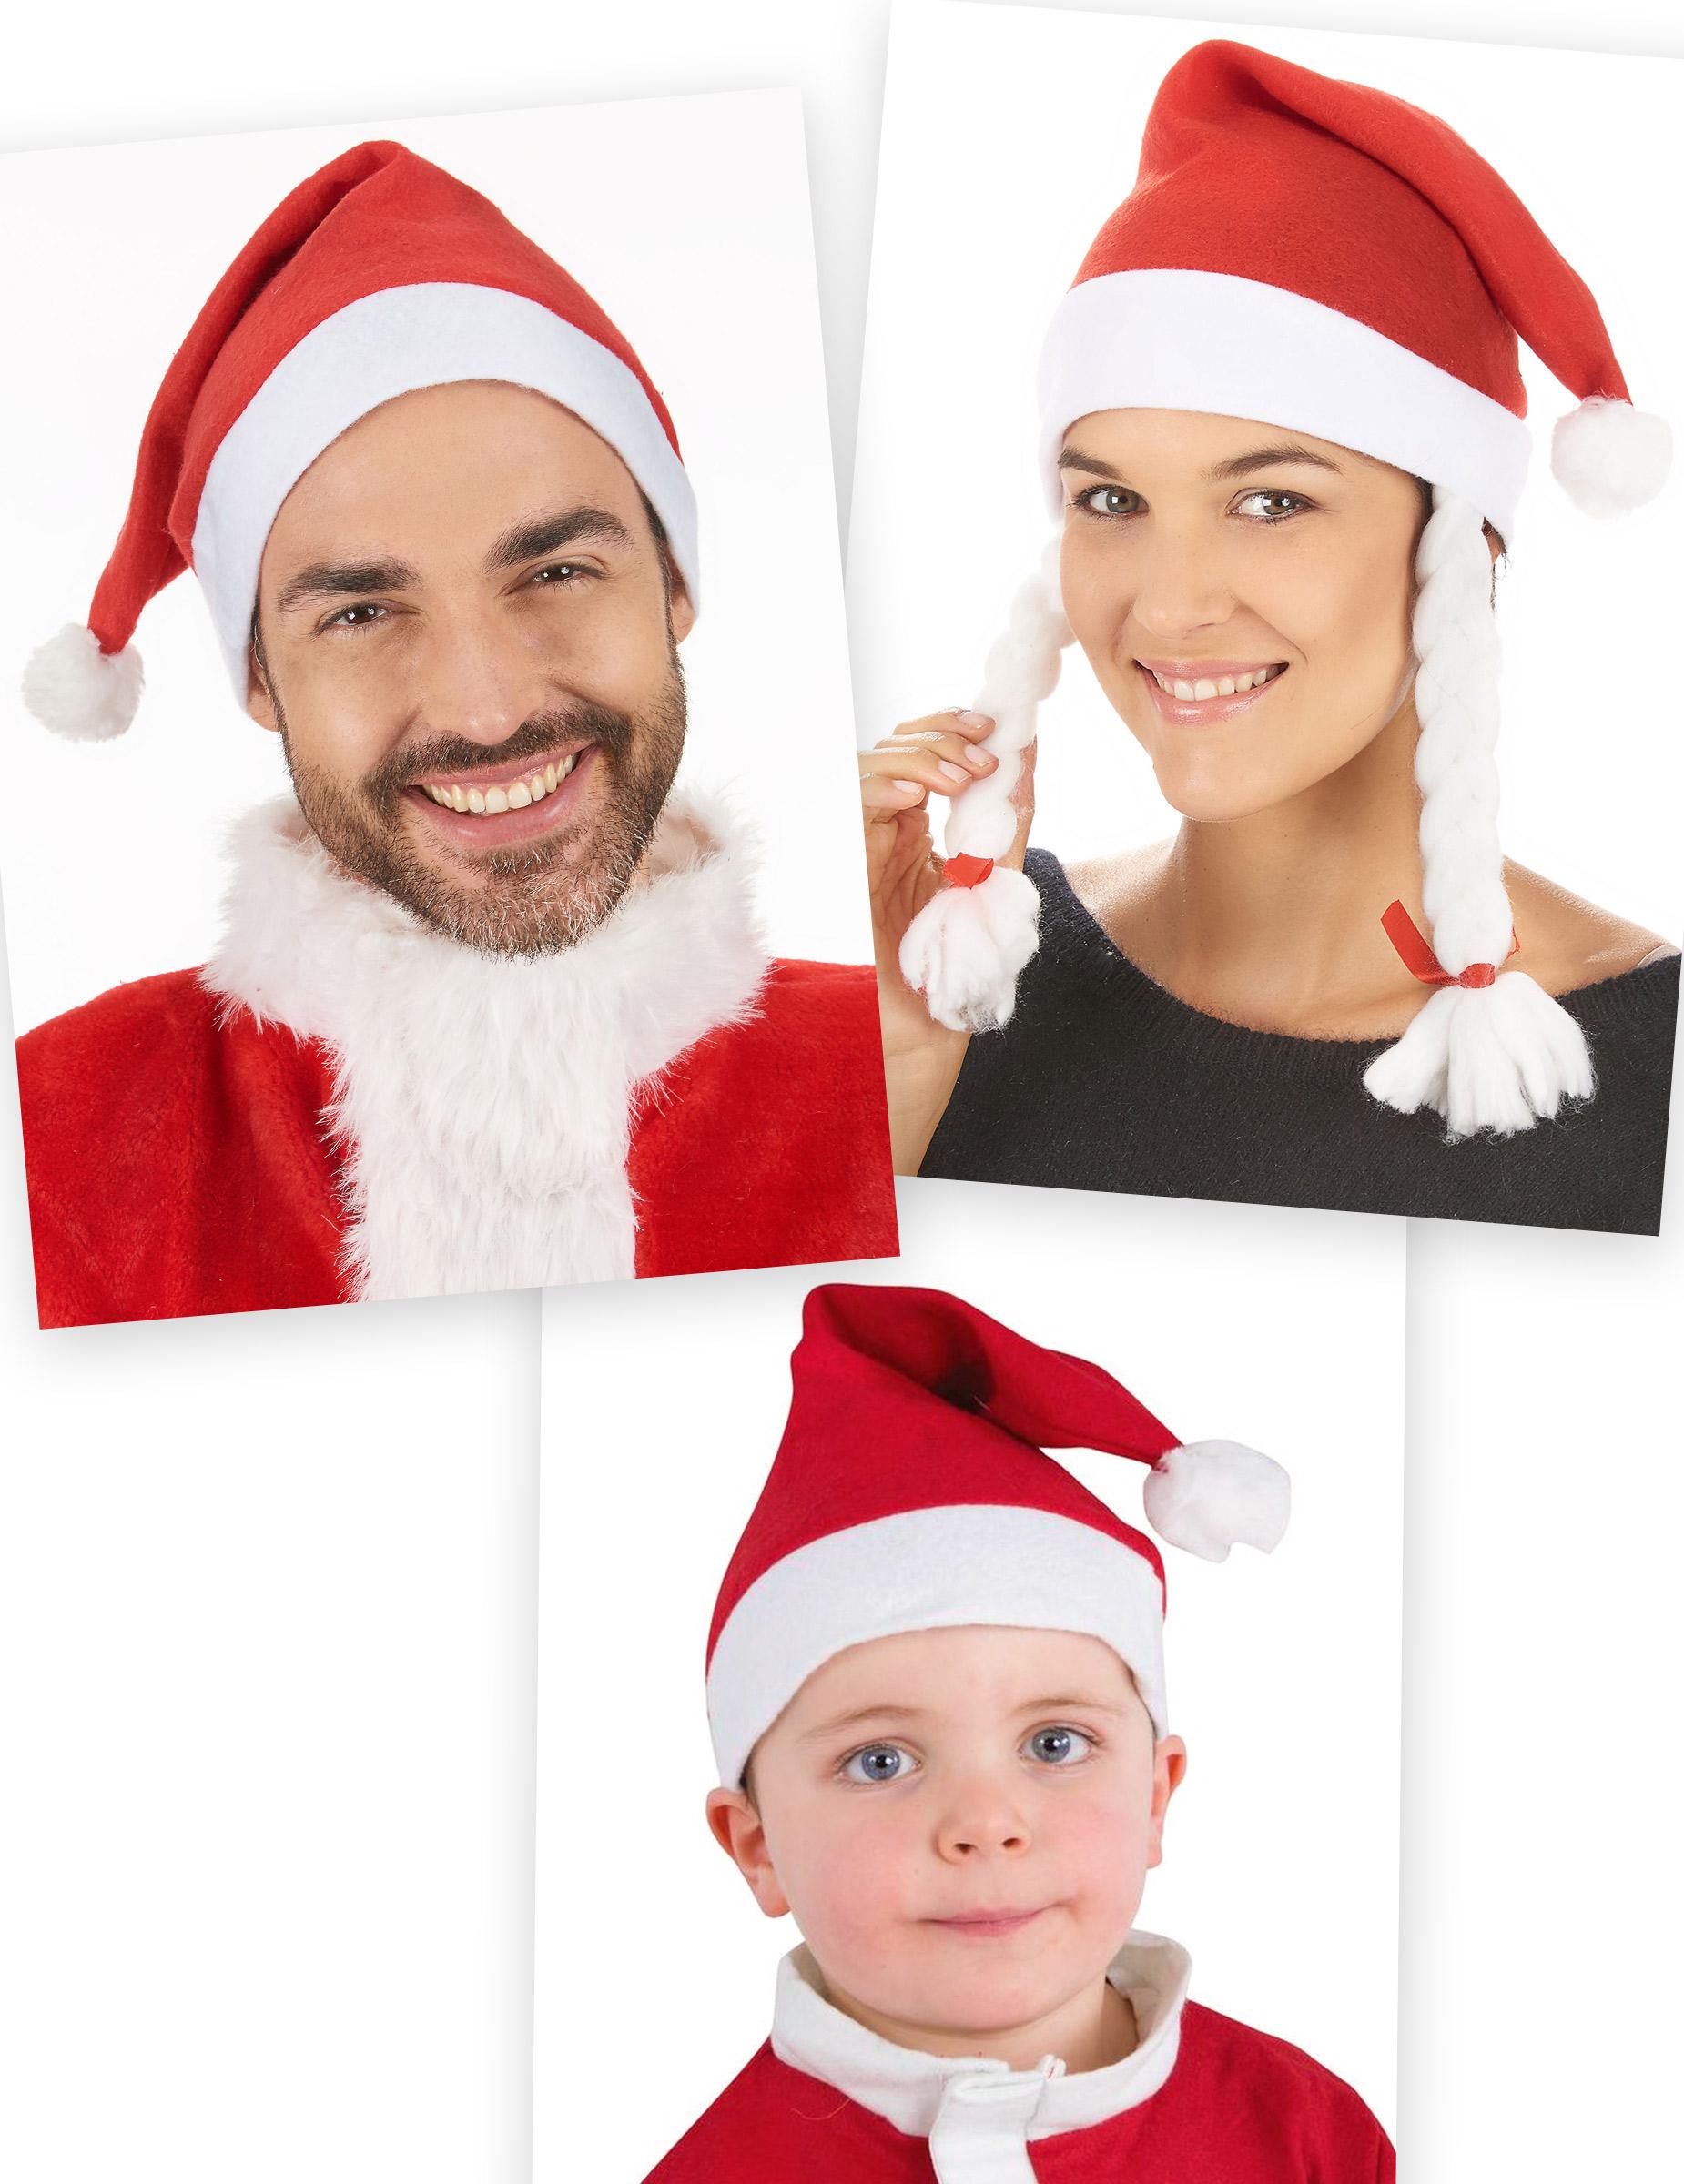 weihnachtsm tzen set f r die familie rot wei h te und. Black Bedroom Furniture Sets. Home Design Ideas